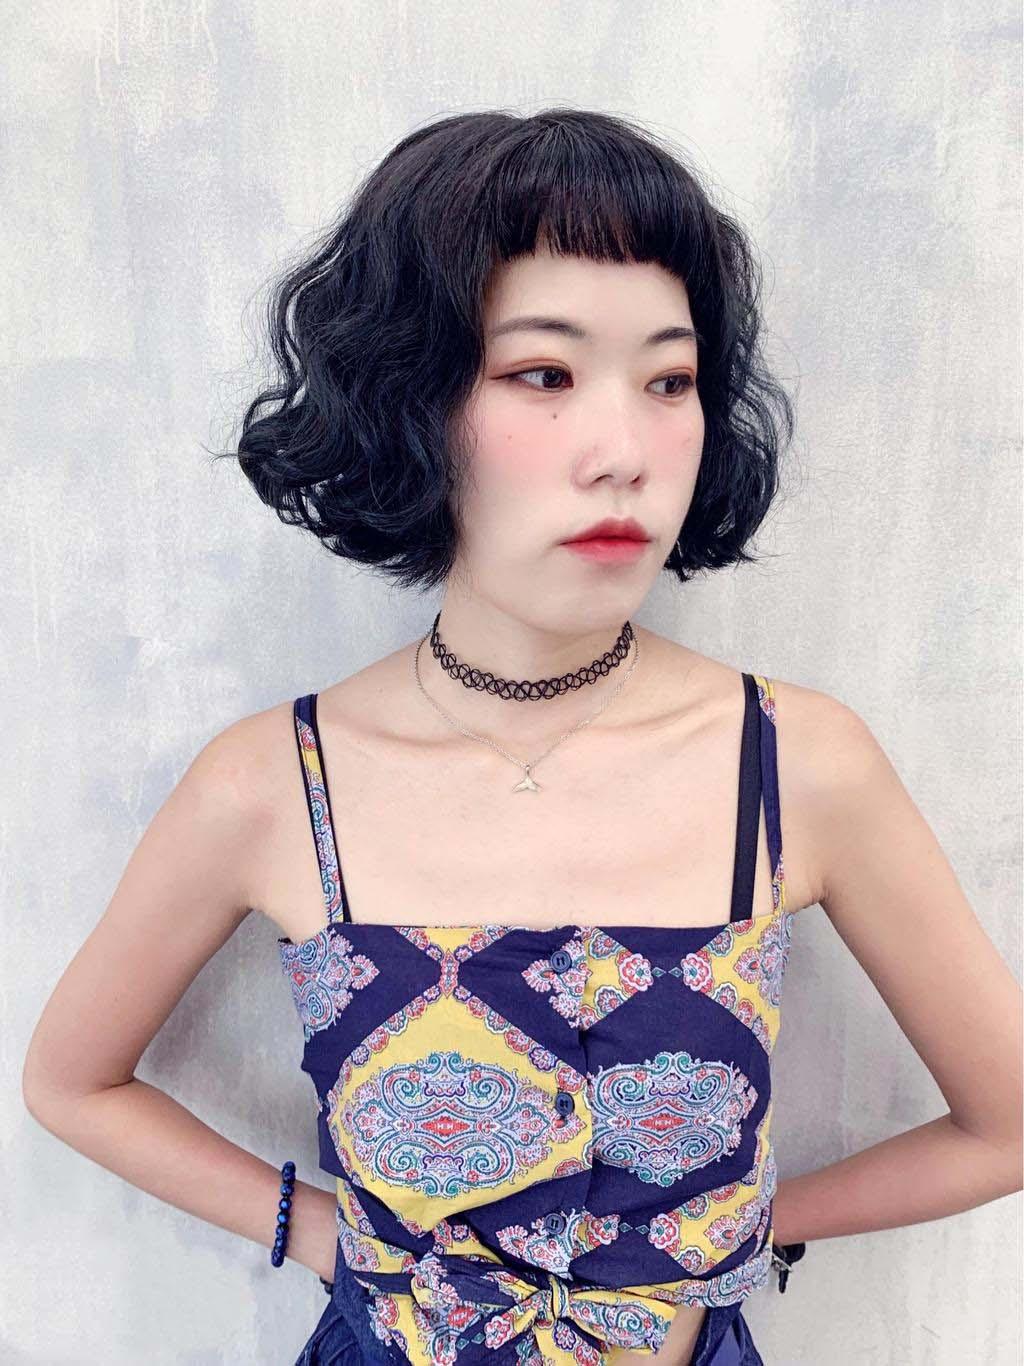 復古波紋× 個性靛藍黑× 眉上瀏海,活脫是潮流穿搭雜誌裡的東洋女模Look